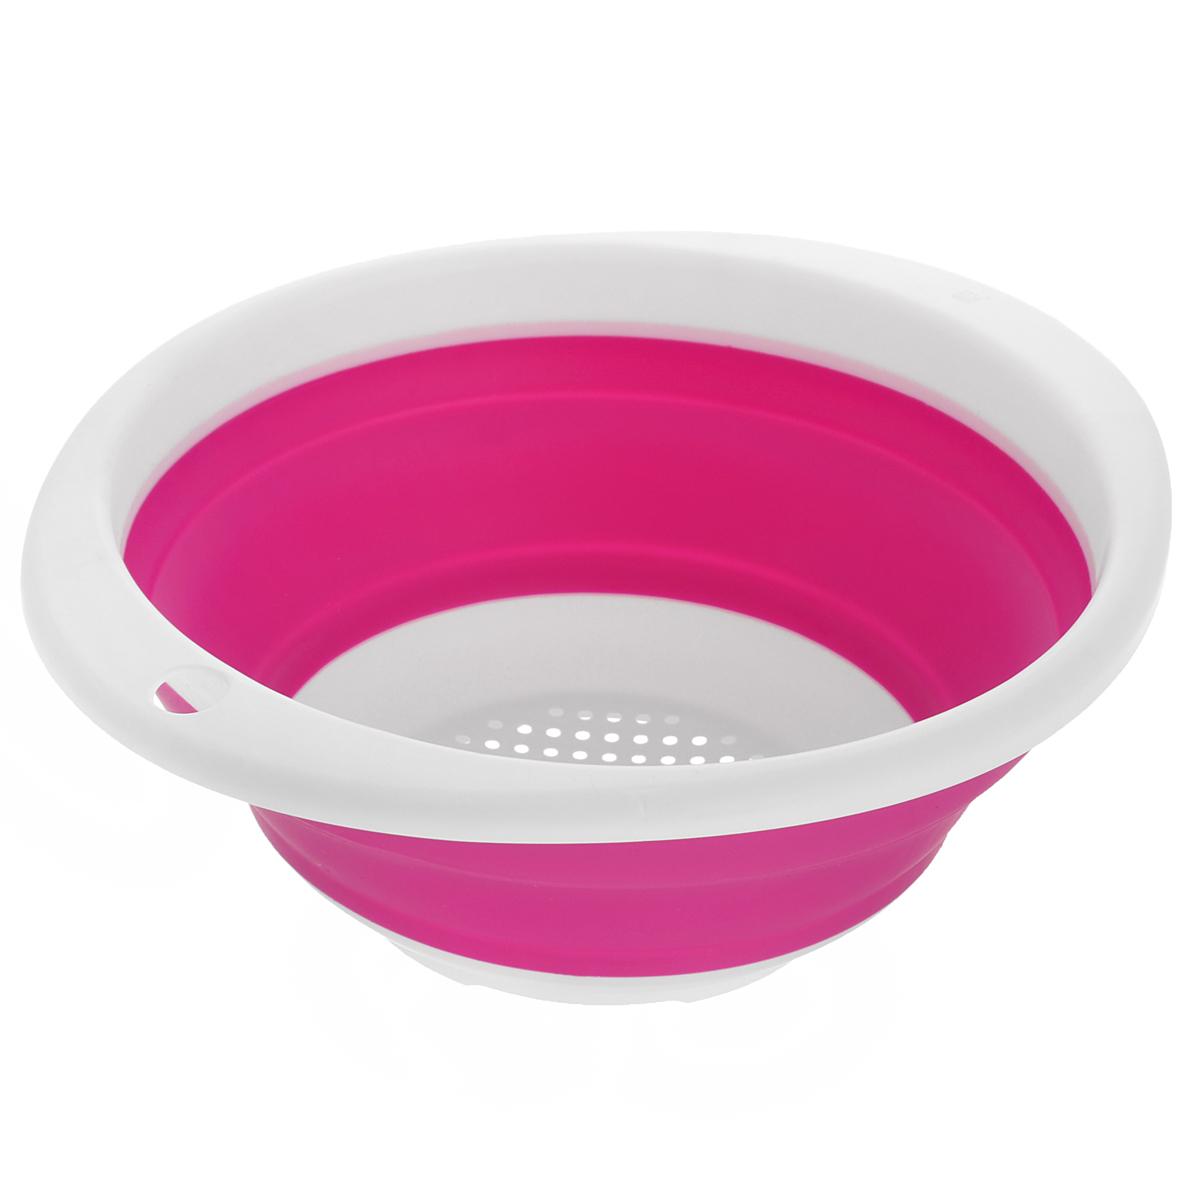 Дуршлаг Идея, складной, цвет: розовый. CLD-02CLD-02Дуршлаг складной Идея, изготовленный из высококачественного пищевого силикона, станет полезным приобретением для вашей кухни. Он идеально подходит для процеживания, ополаскивания и стекания макарон, овощей, фруктов. Нельзя мыть и сушить в посудомоечной машине. Внутренний диаметр: 18 см. Размер (в разложенном виде): 23 см х 20 см х 9 см. Размер (в сложенном виде): 23 см х 20 см х 3 см.